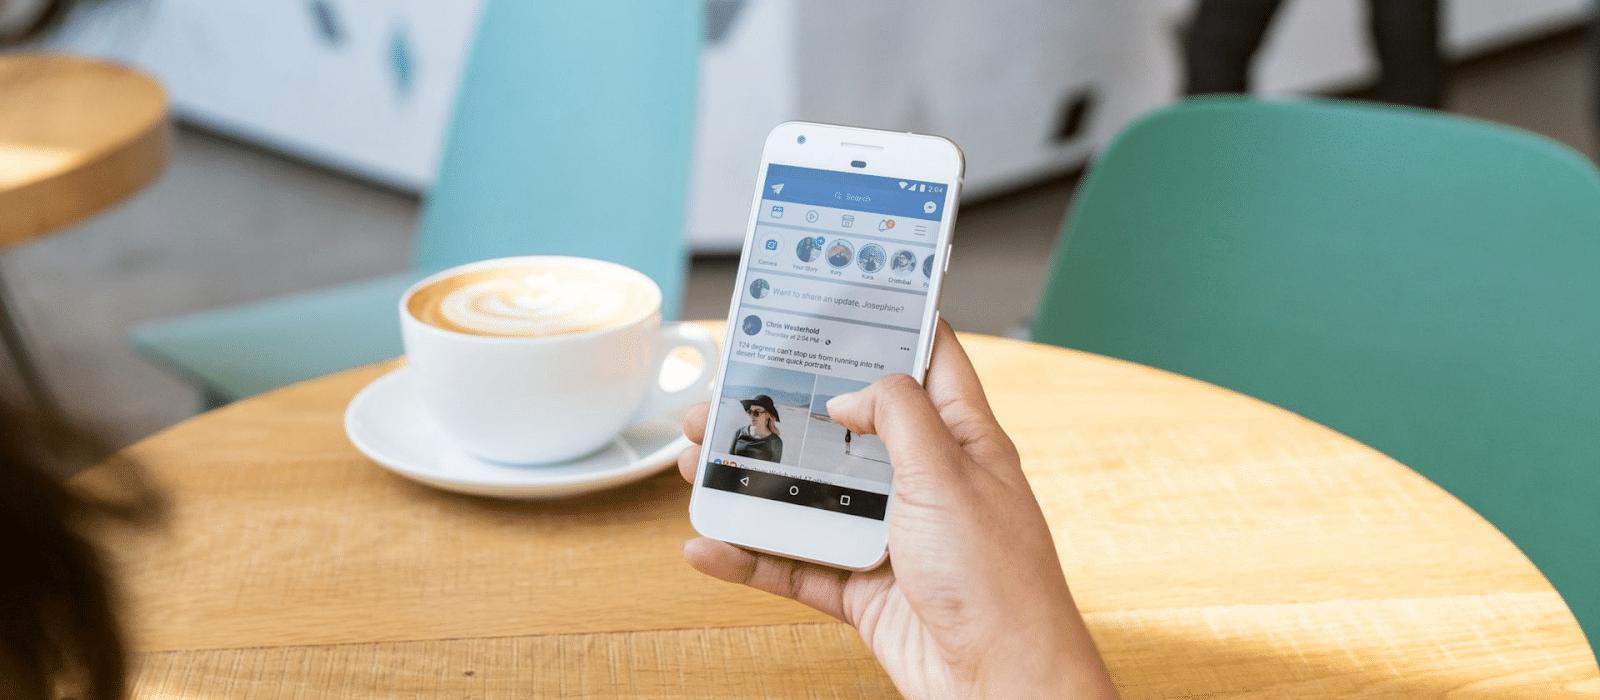 Tiềm năng bán hàng trên Facebook cá nhân thì đã biết rồi, bây giờ phải làm thế nào để tìm kiếm khách hàng đây? Khi bán hàng trên kênh Facebook cá nhân thì người tiêu dùng chính là bạn bè trong friend list.